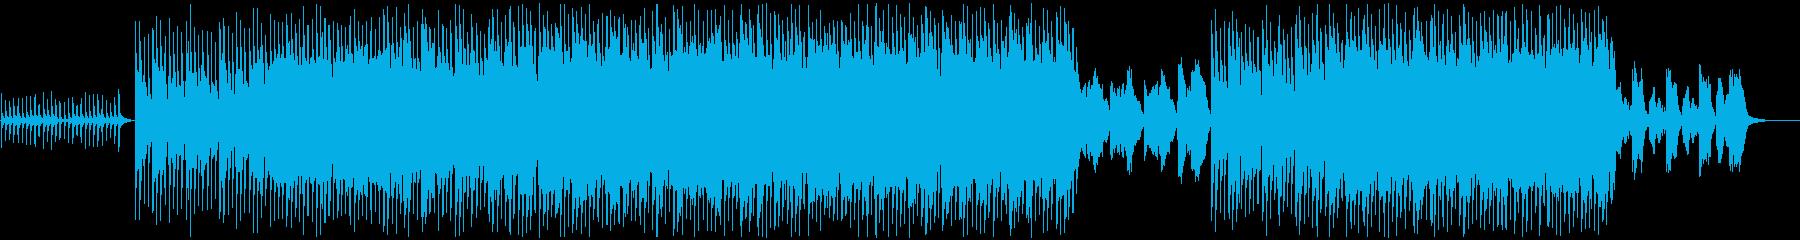 爽やかで切なめな洋楽テイストの女性Vo曲の再生済みの波形